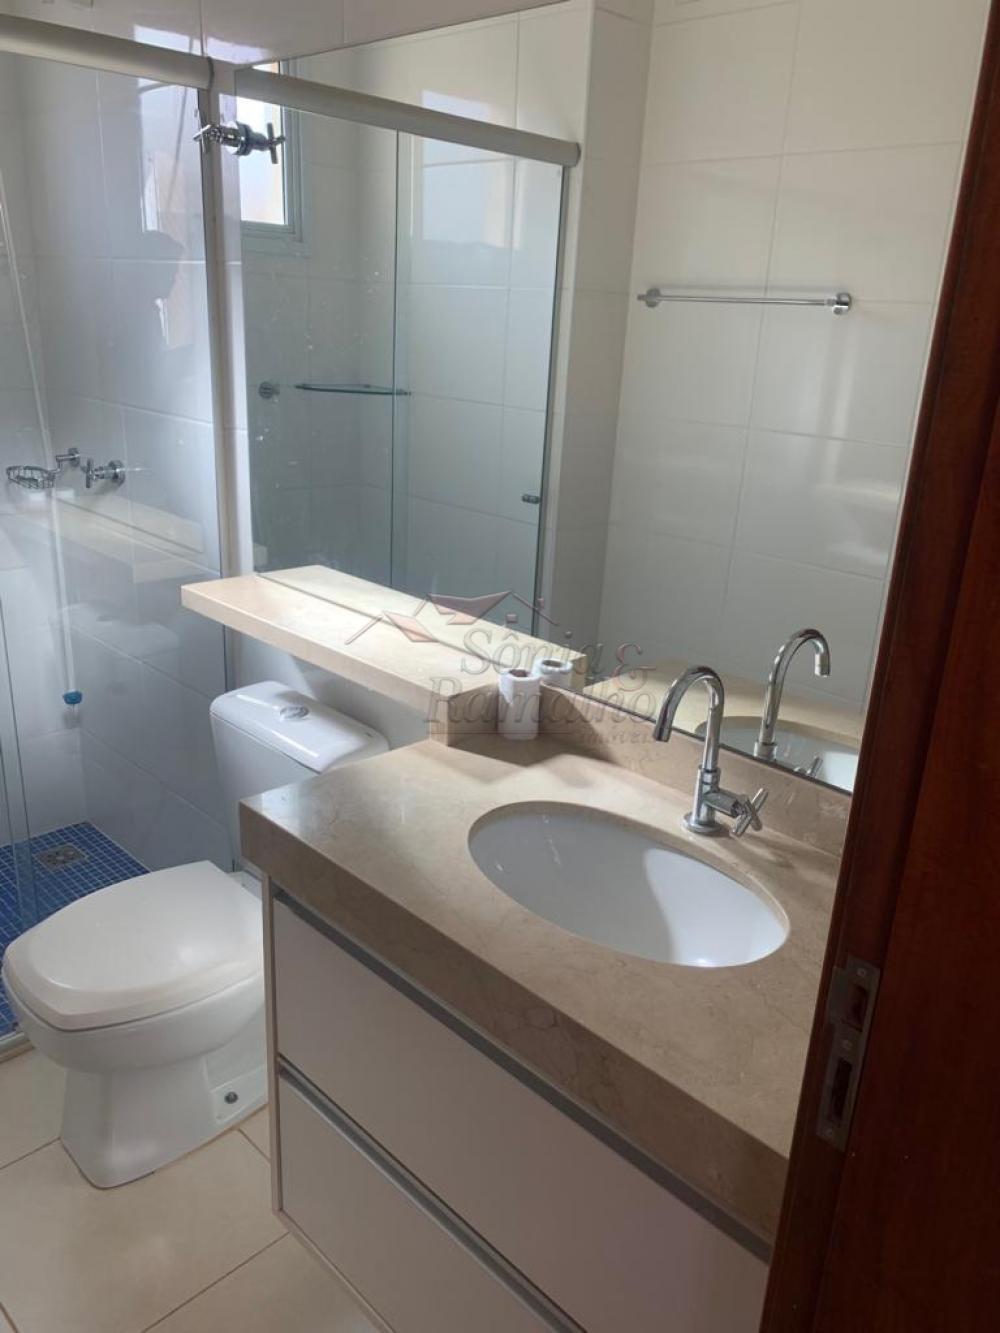 Comprar Apartamentos / Padrão em Ribeirão Preto apenas R$ 490.000,00 - Foto 13